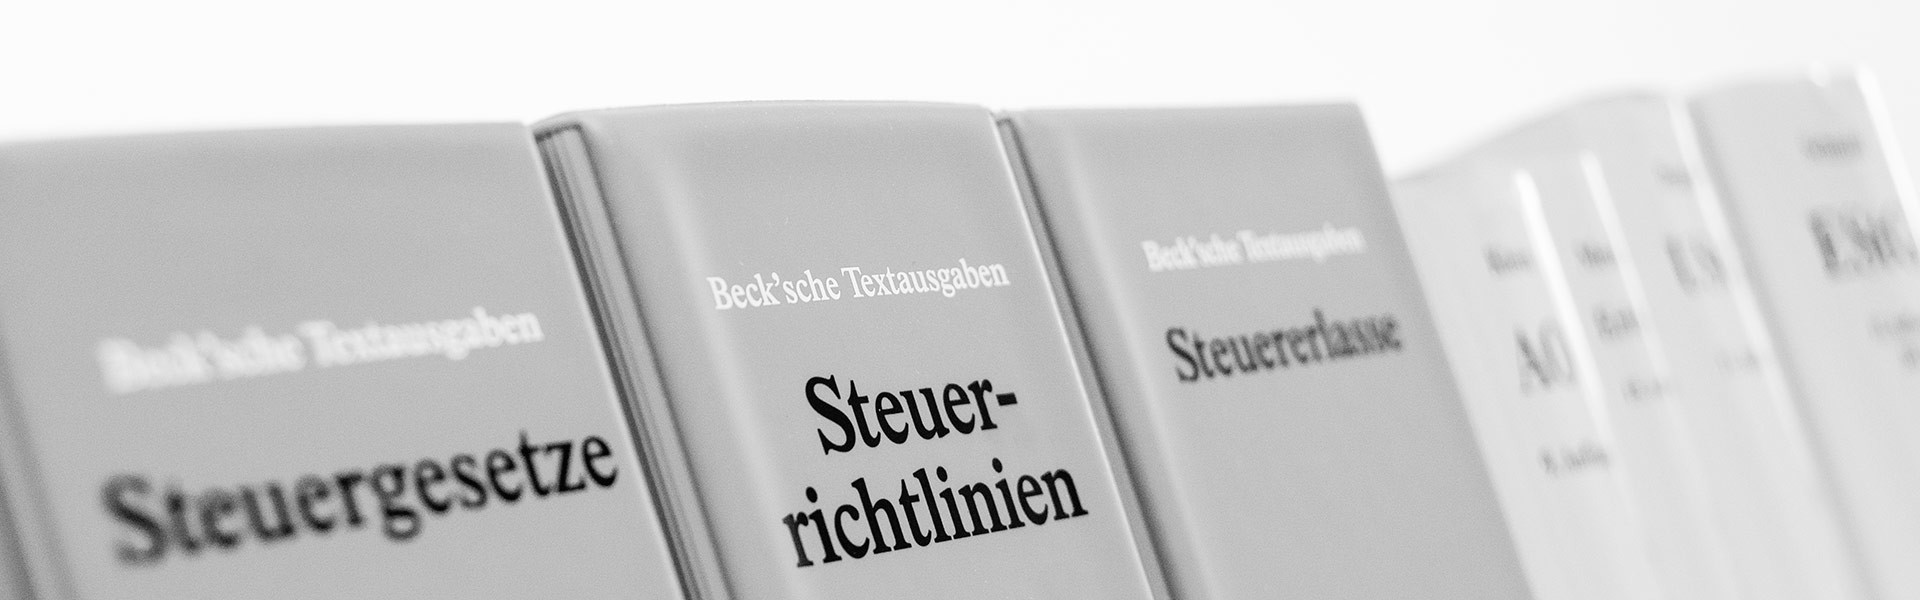 AUGUSTIN & PARTNER mbB Steuerberater Wirtschaftsprüfer